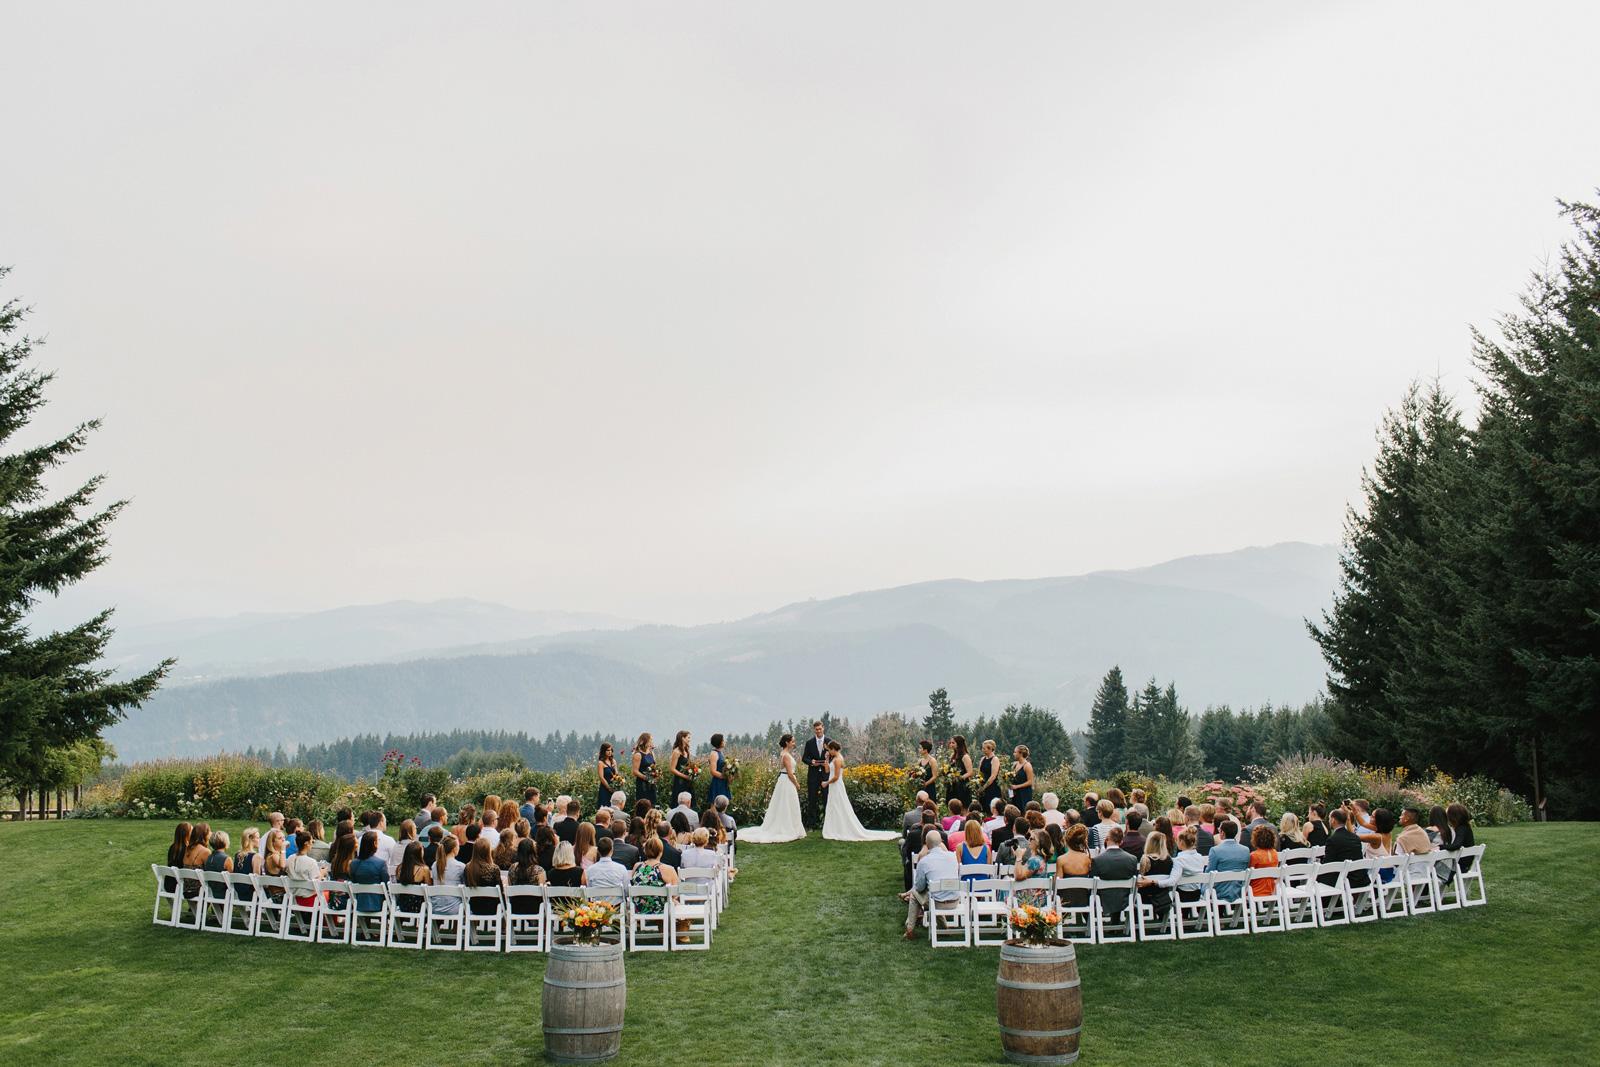 Gorge-Crest-Vineyards-Wedding_071-1.jpg